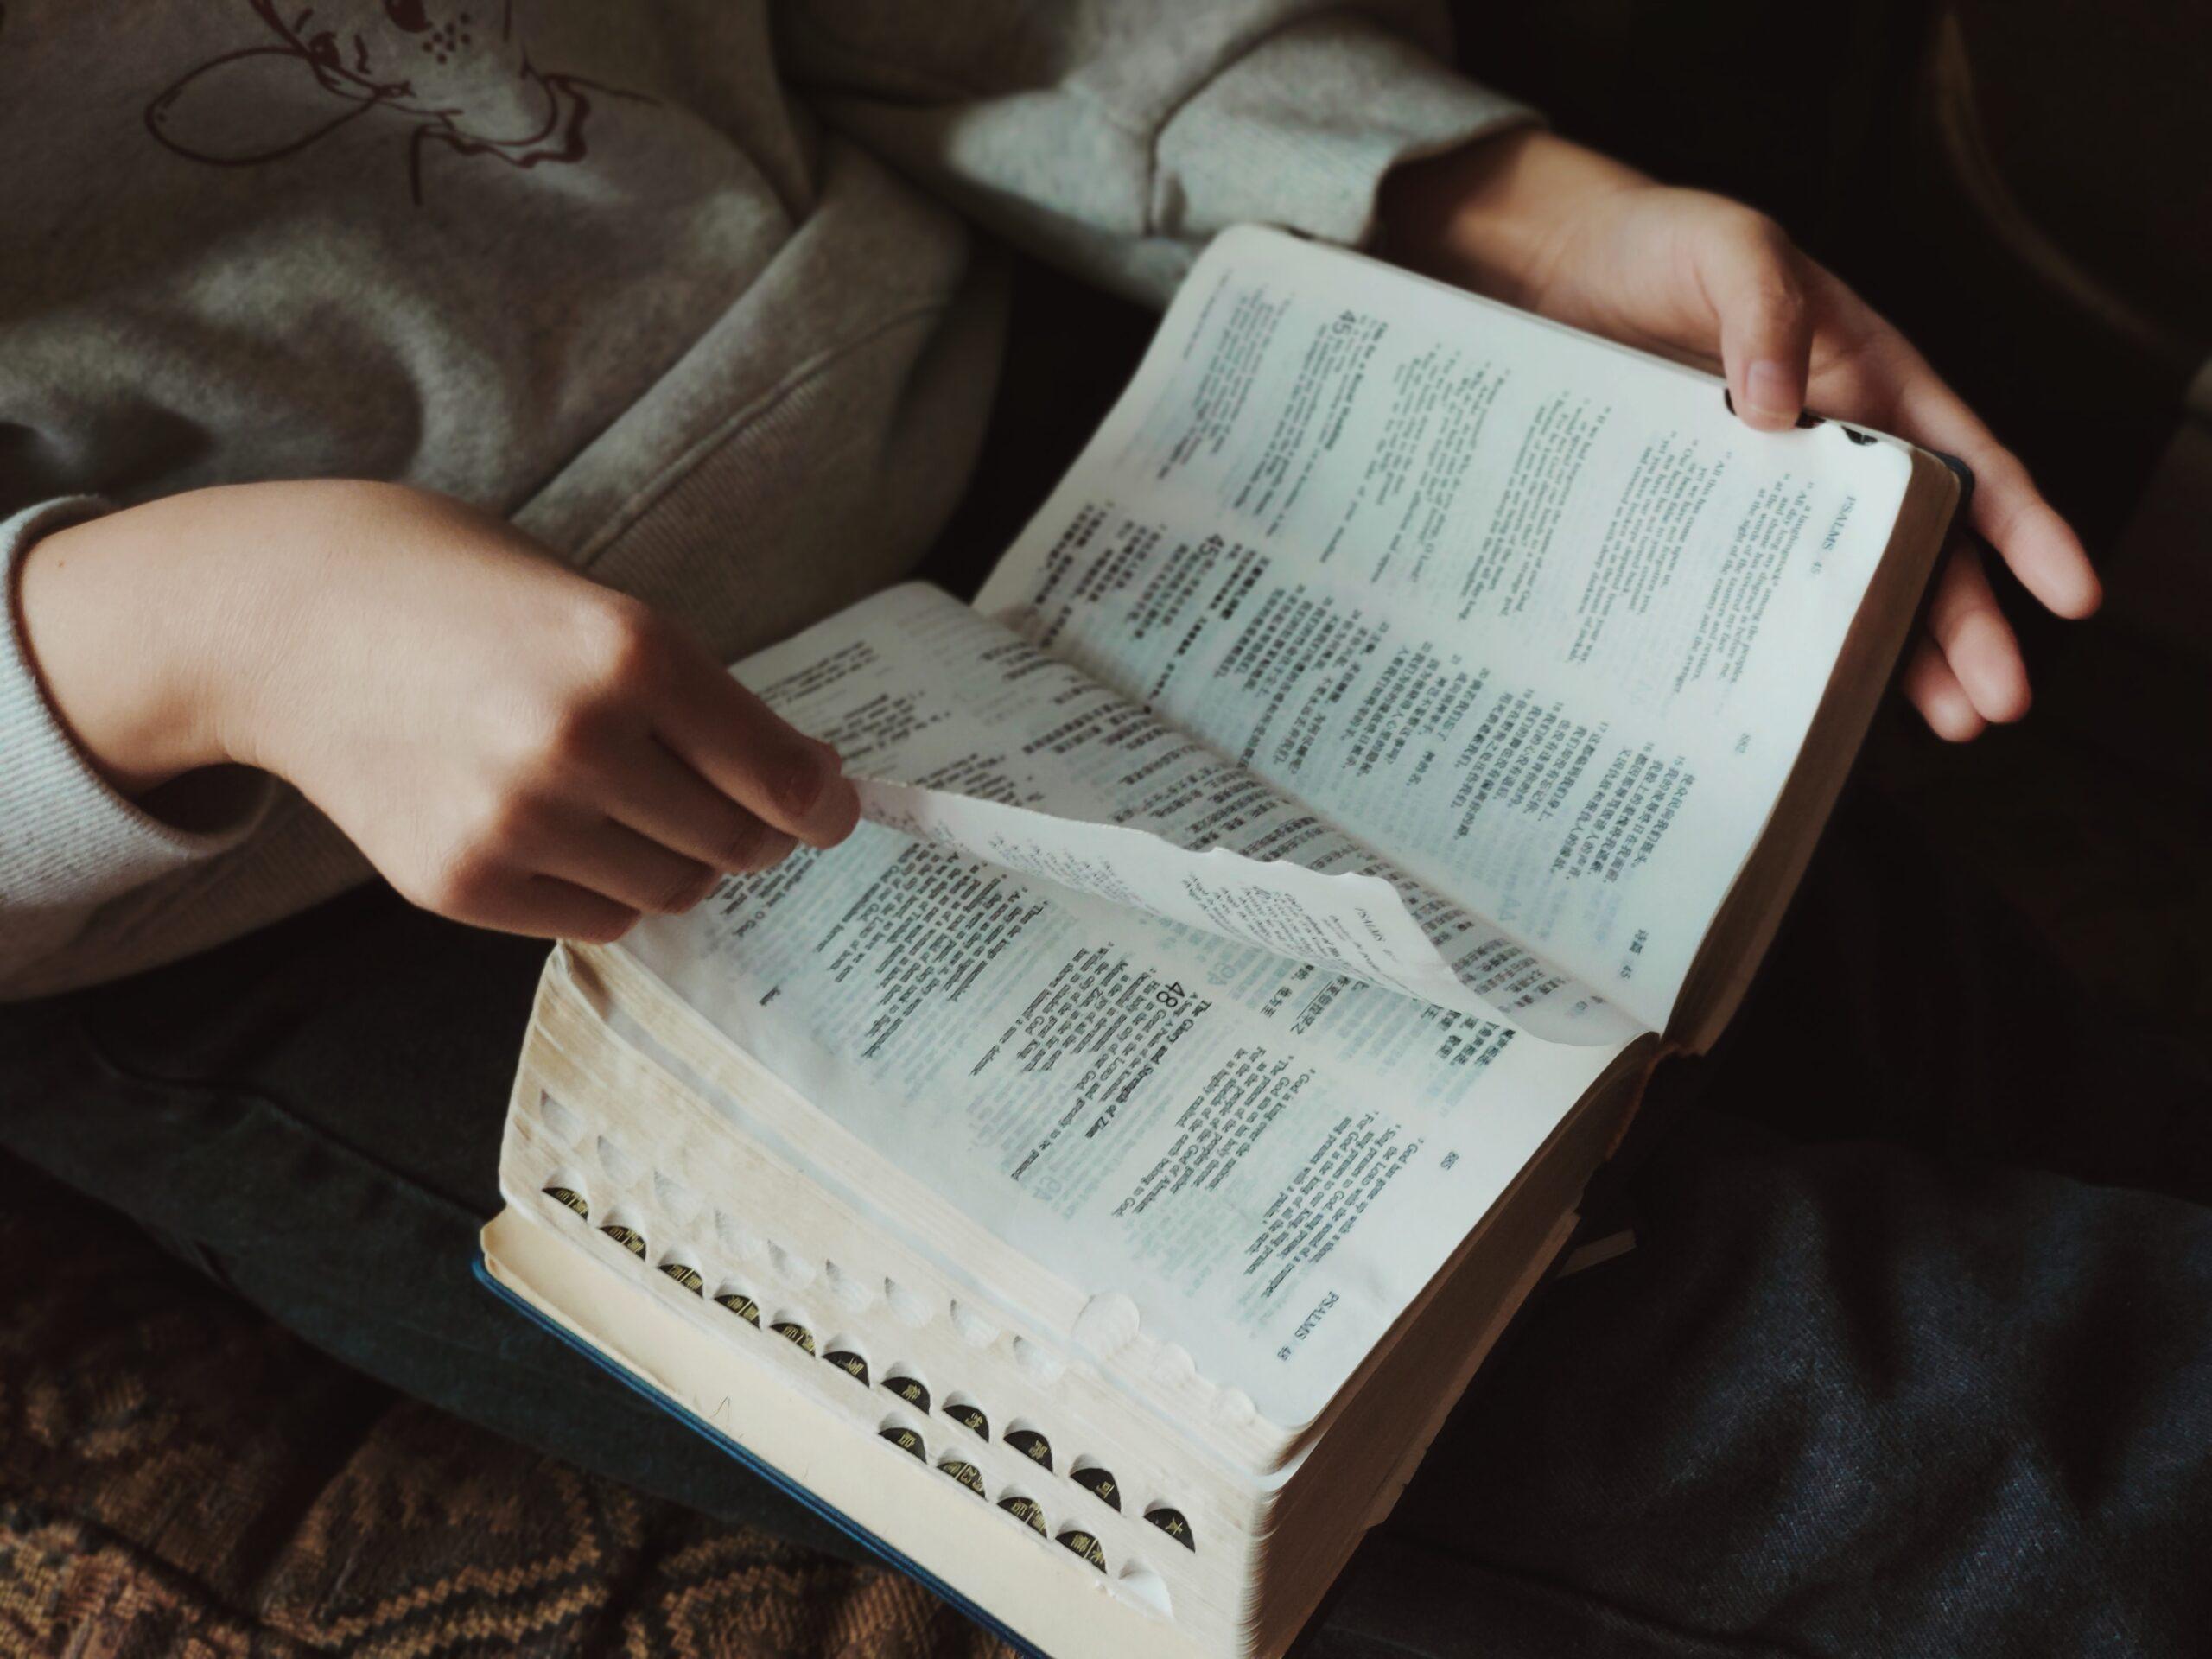 Perché bisognerebbe leggere continuamente la Bibbia?